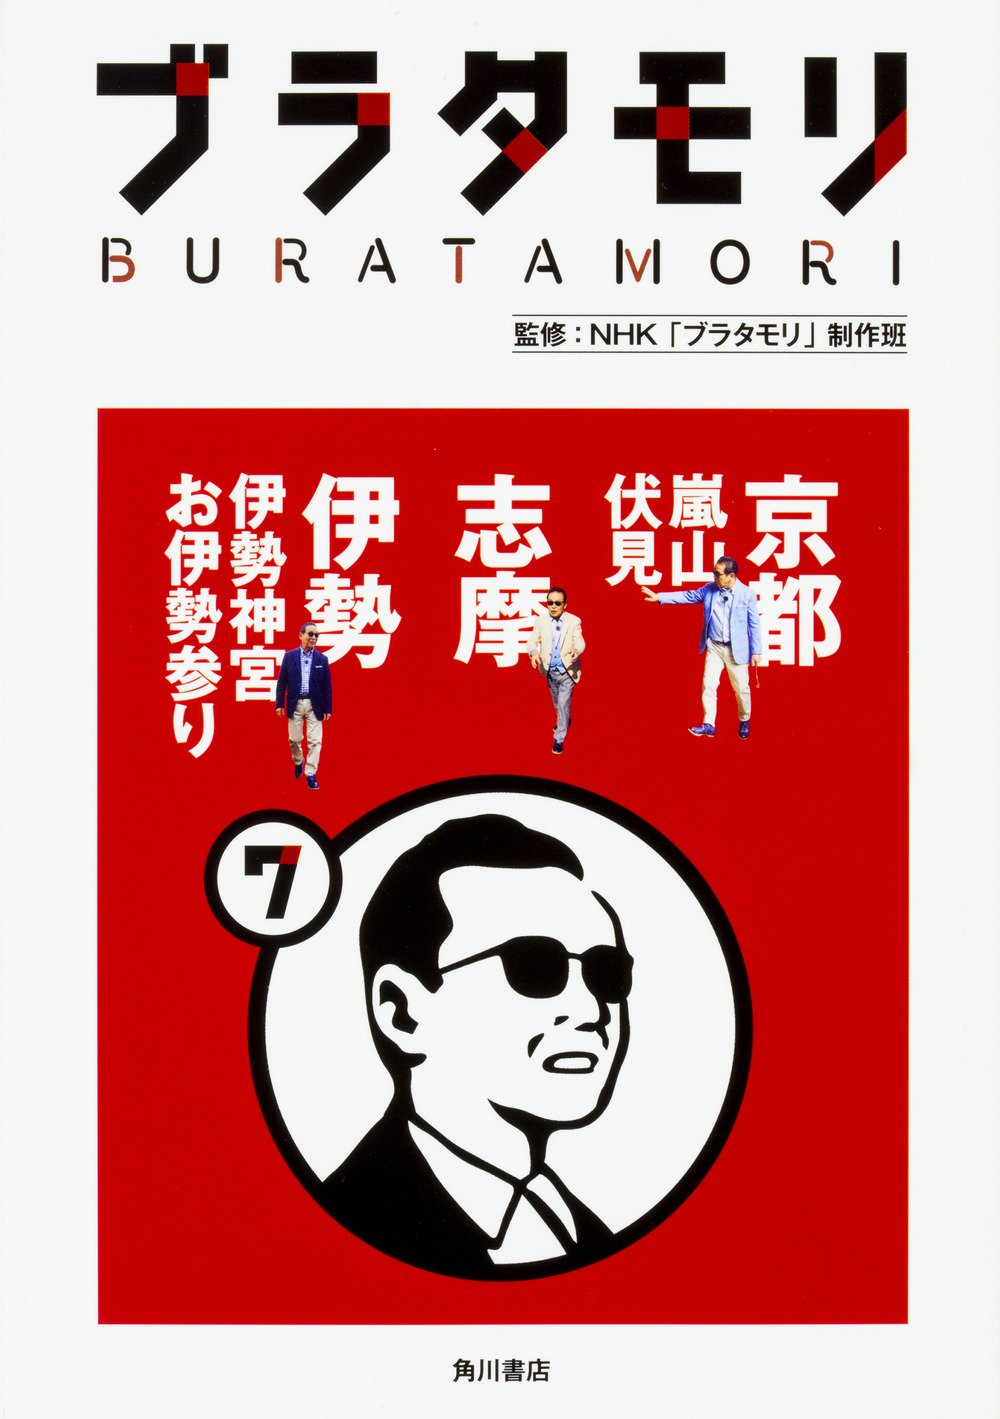 【書籍】ブラタモリ セット 7巻